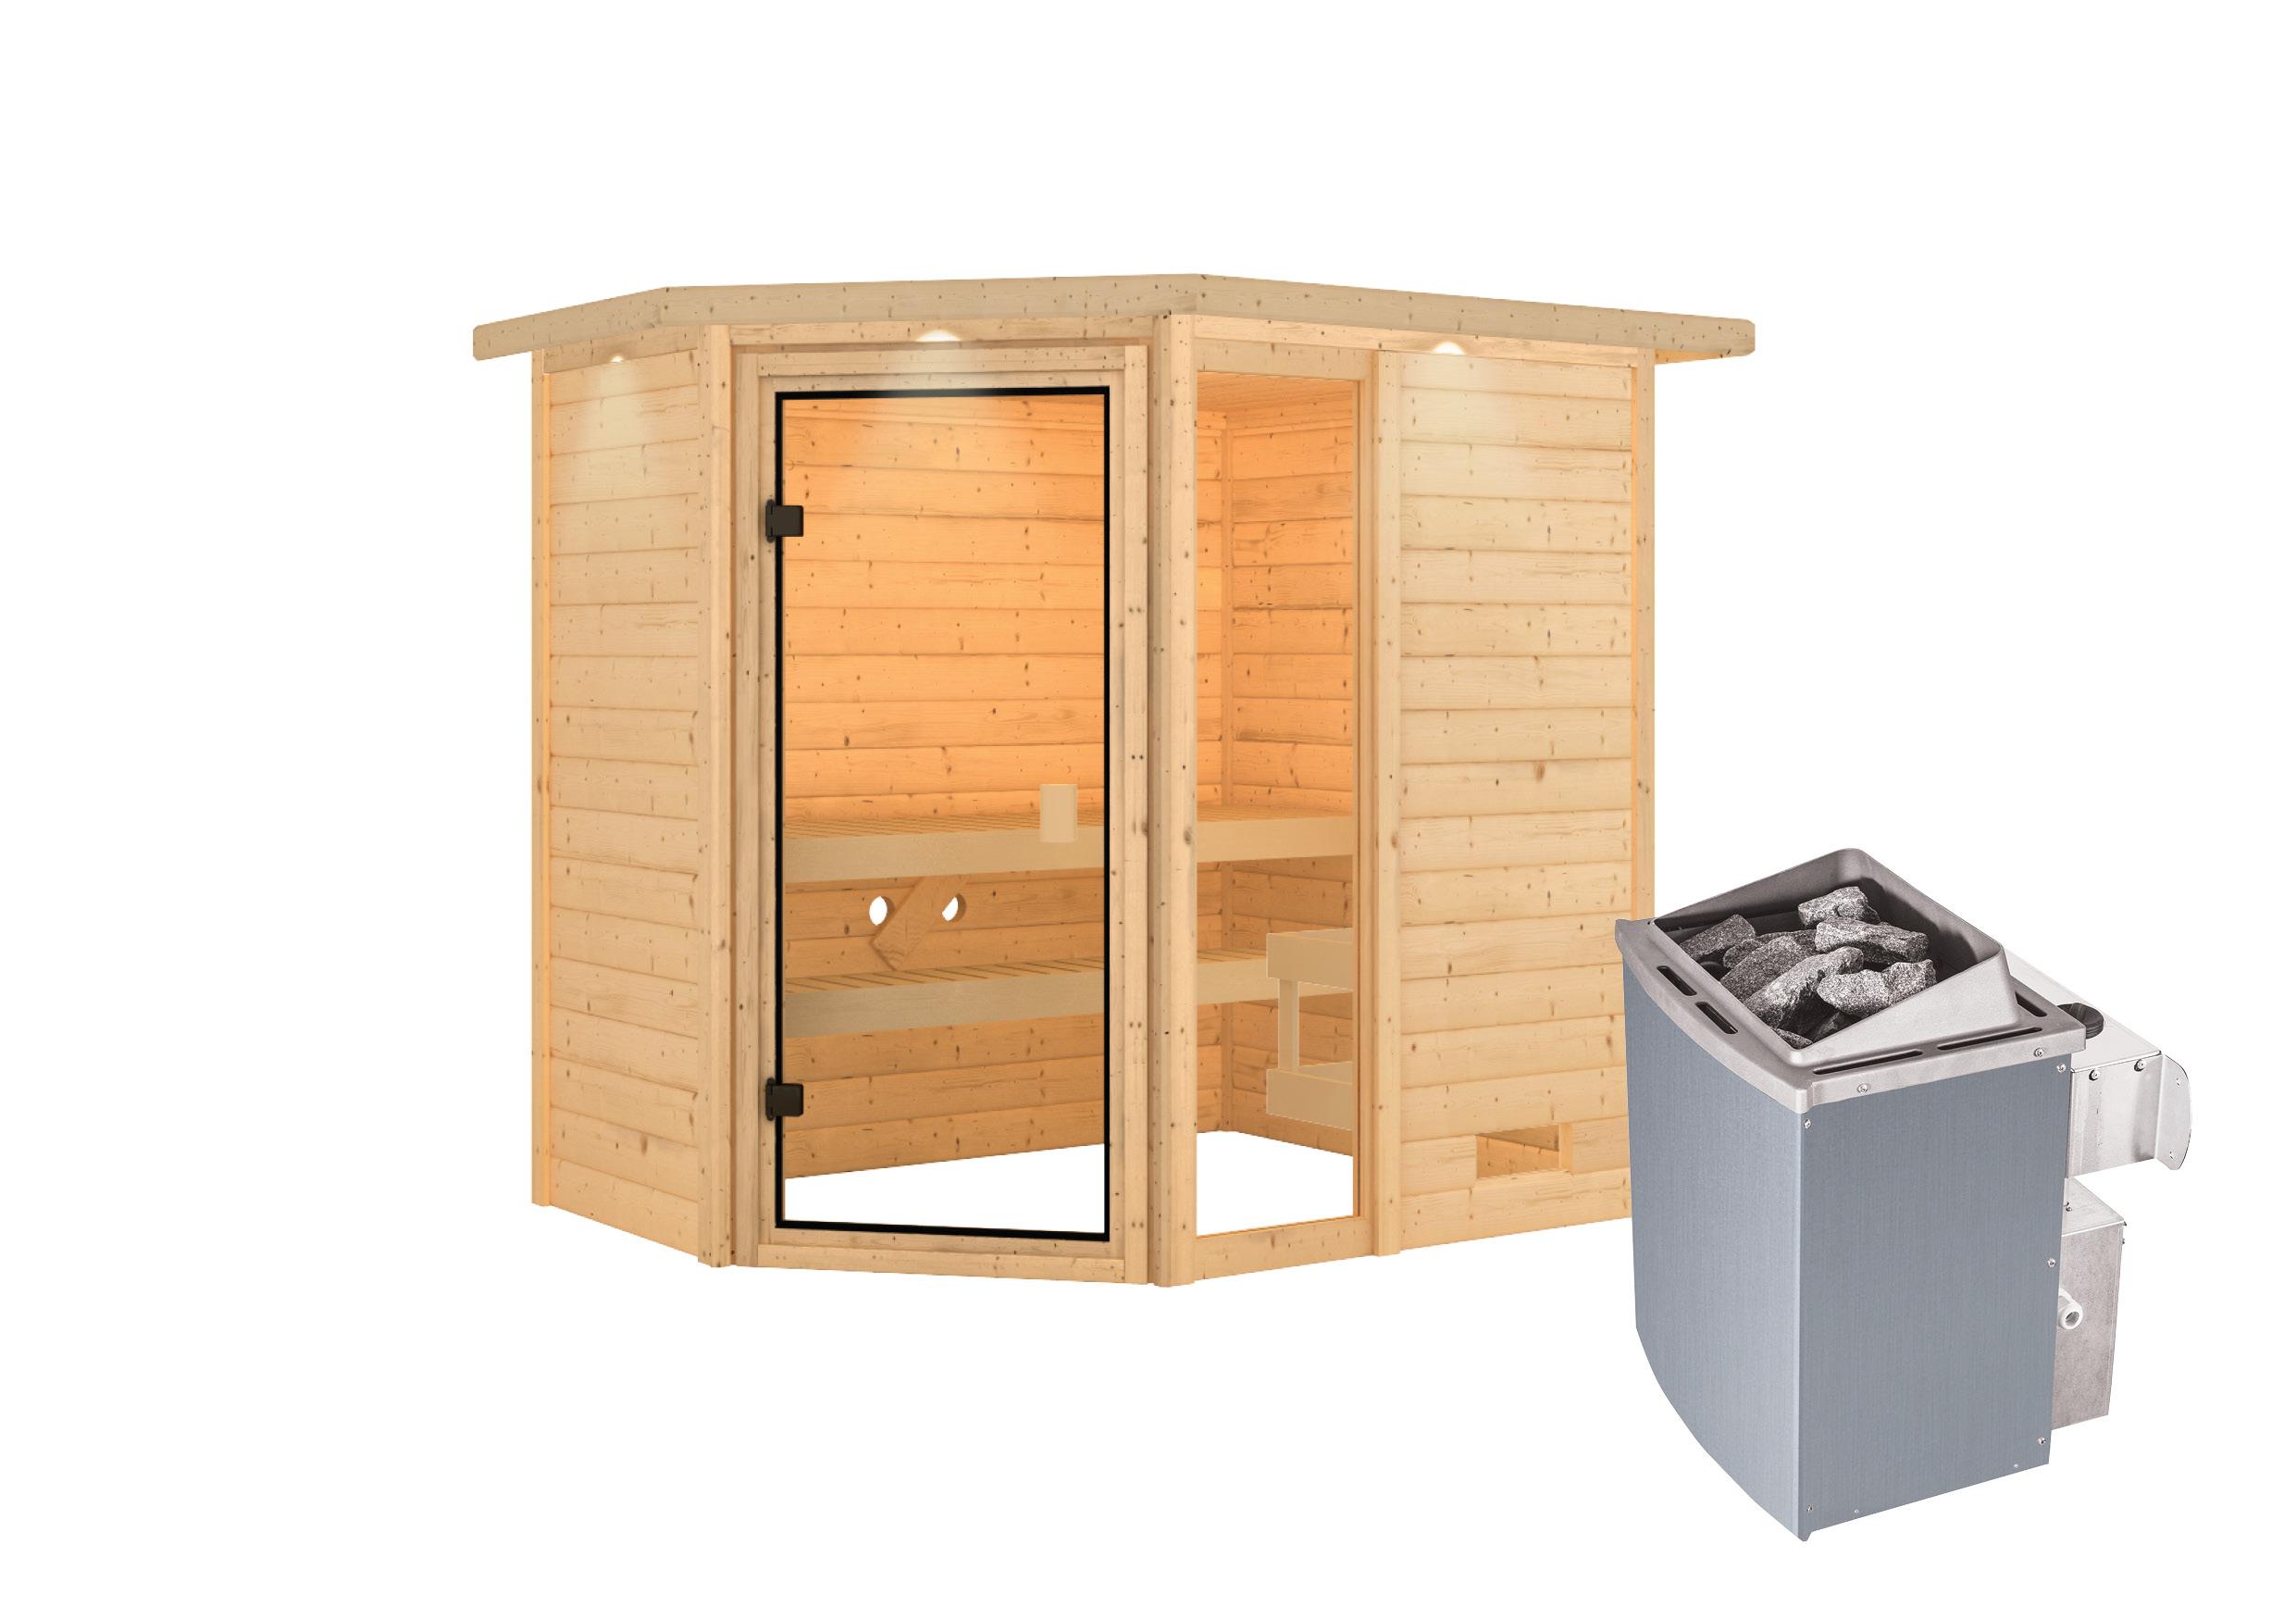 Woodfeeling Sauna Jada 38mm Dachkranz Saunaofen 9 kW intern Bild 6